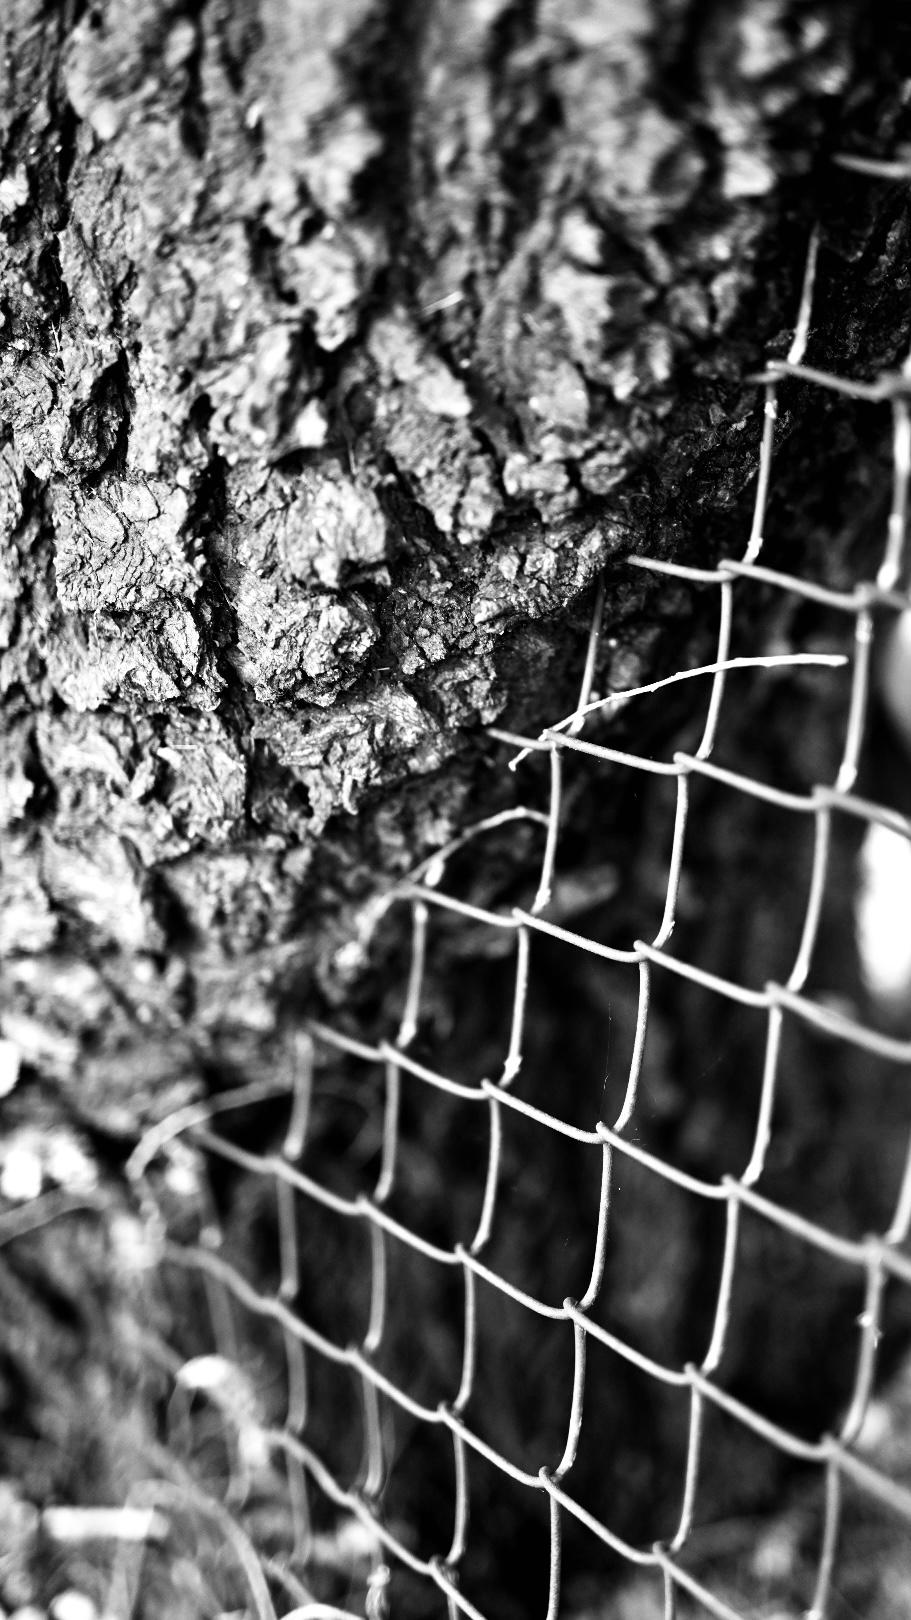 Tree Eats Chainlink Fence by Taryn Okesson